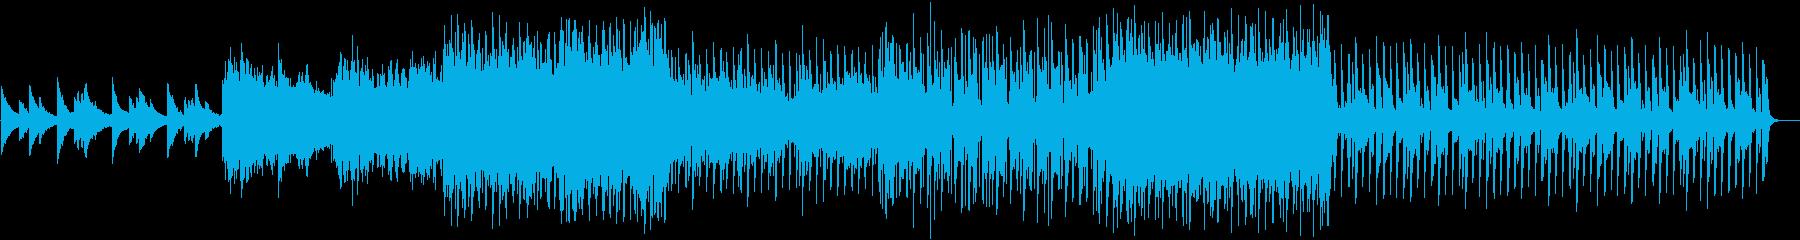 感動系・王道コード進行BGMの再生済みの波形